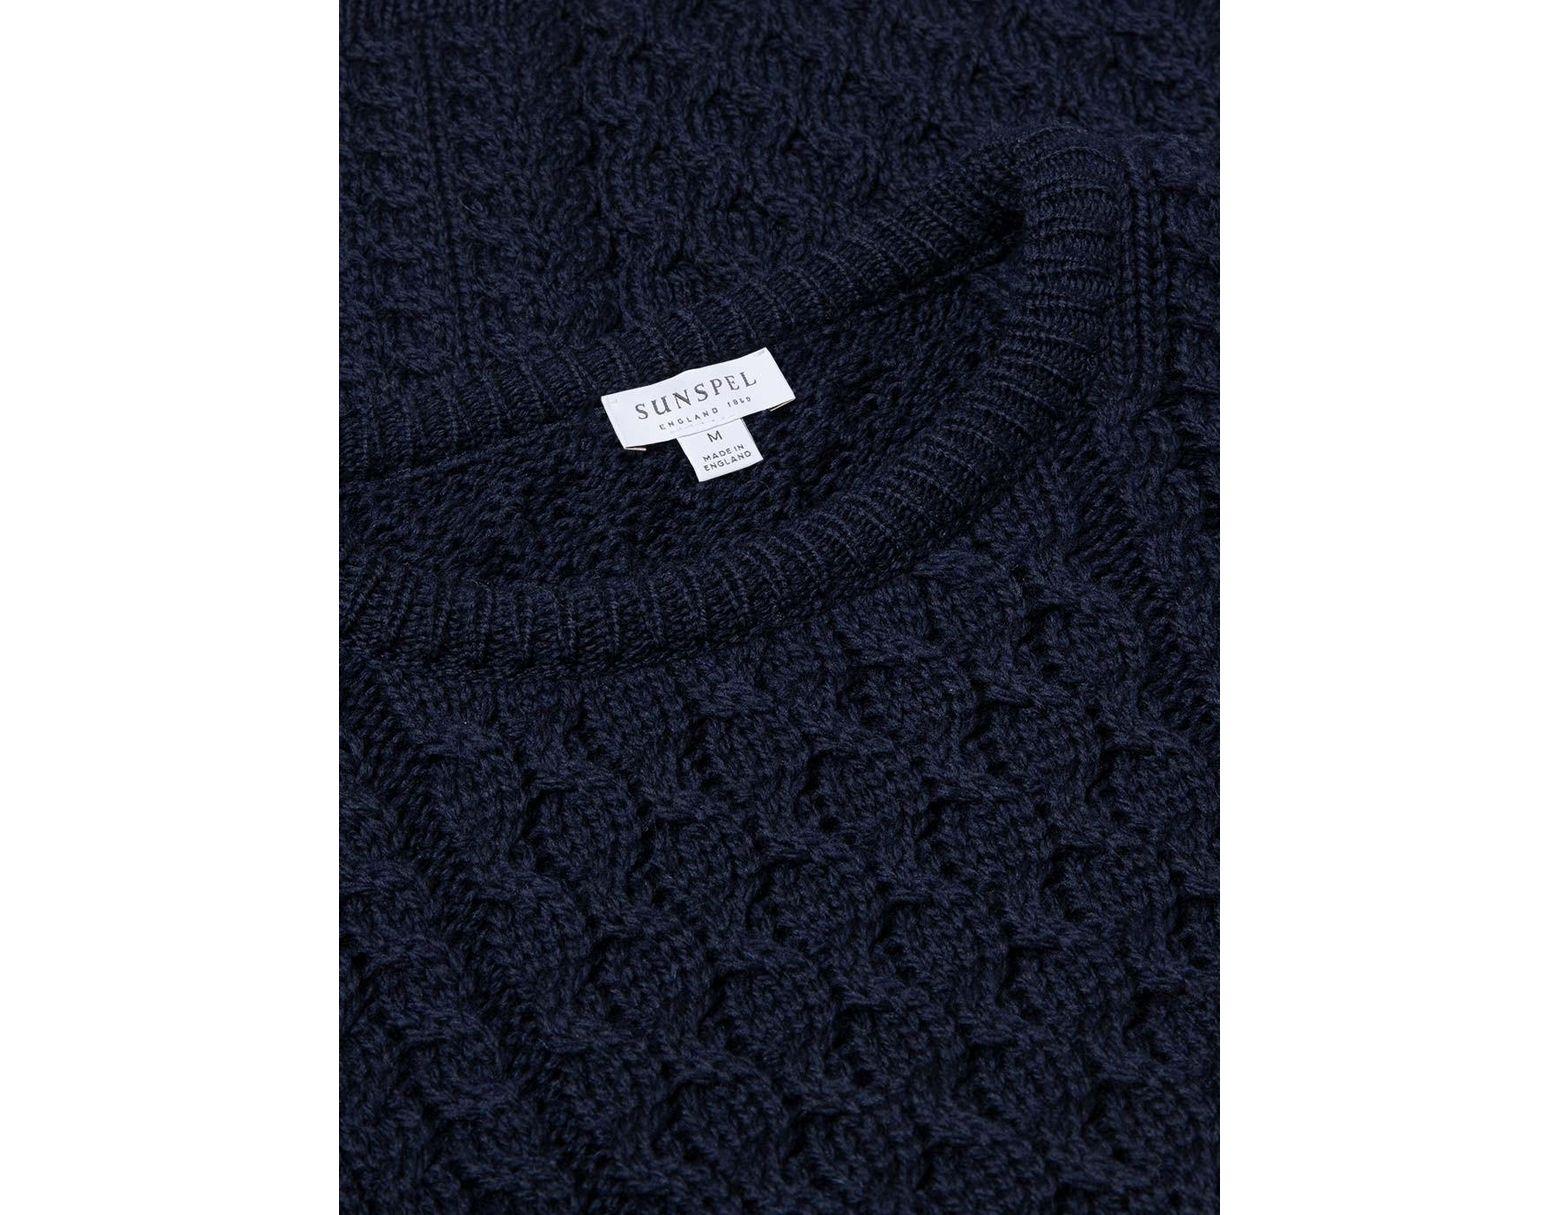 4247de9606ad21 Sunspel Men's Merino Wool Cable Knit Jumper In Navy in Blue for Men - Lyst